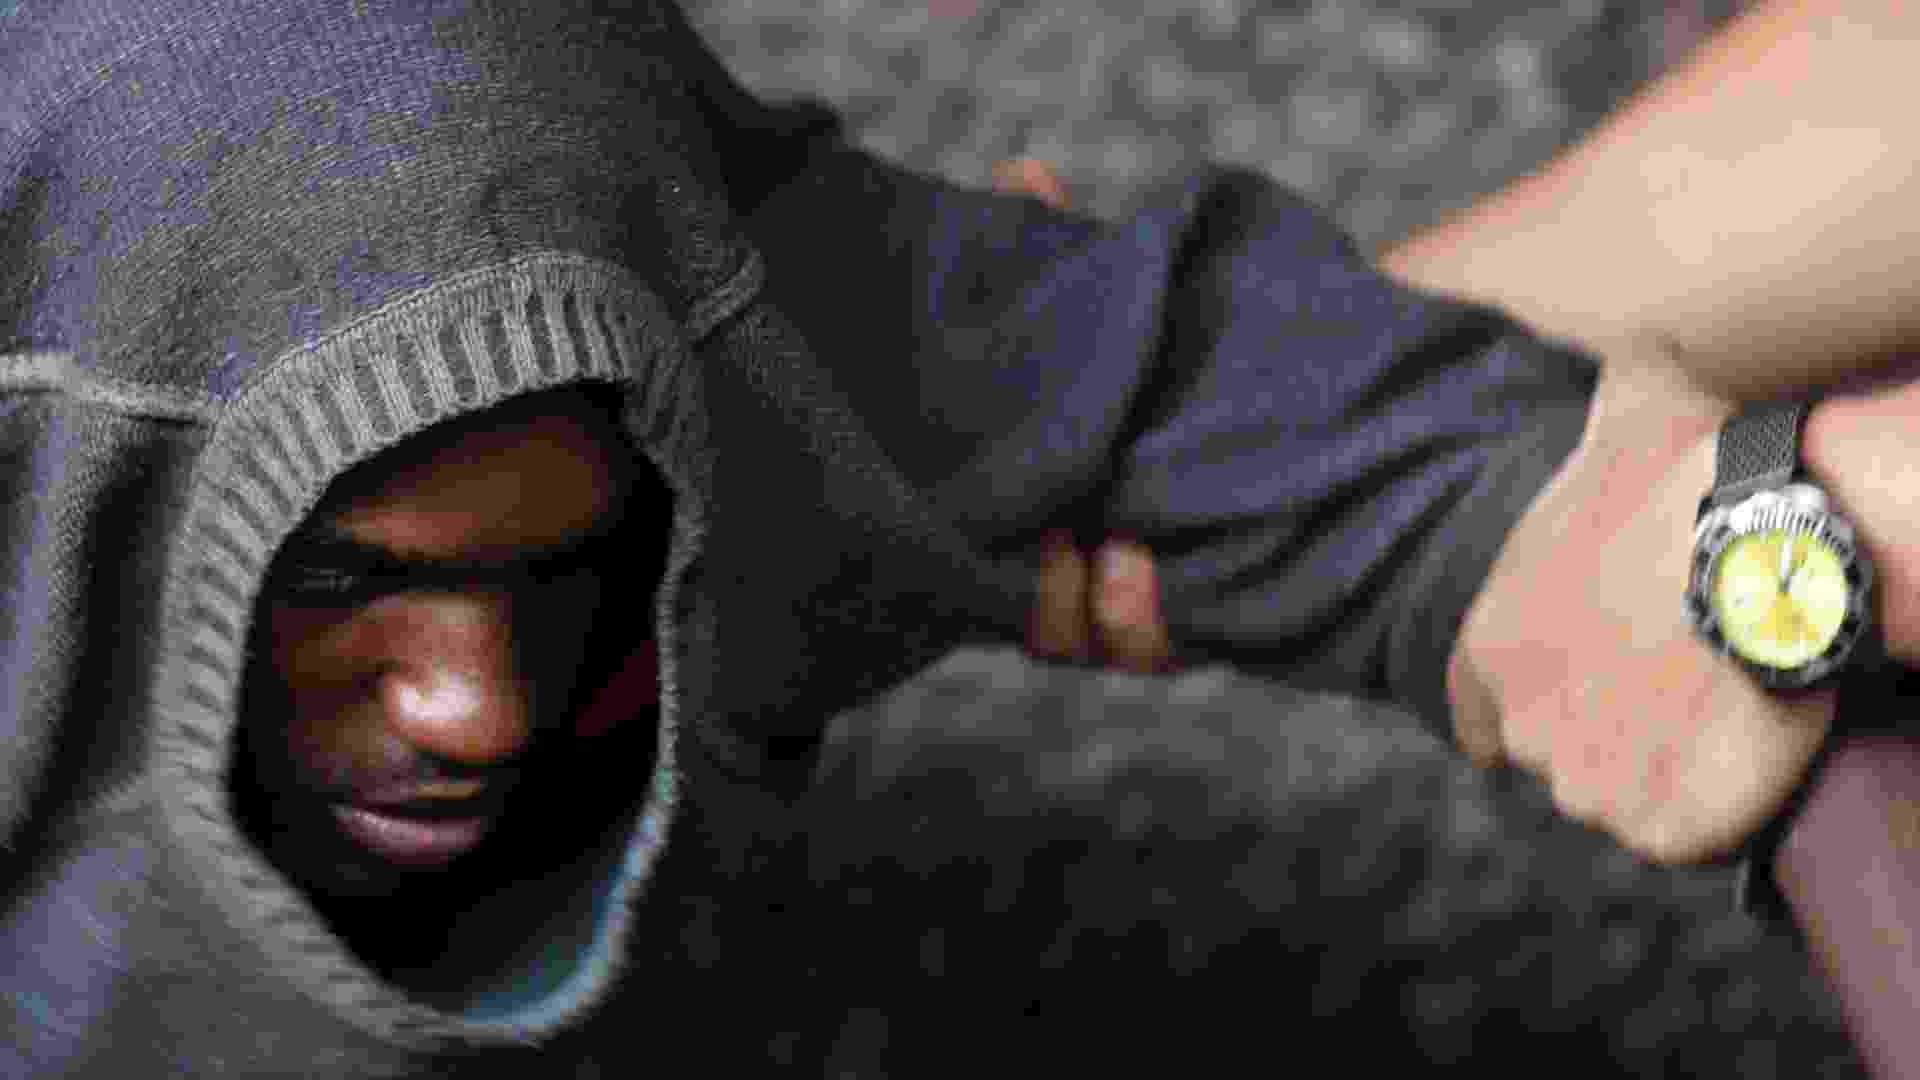 21.set.2012 - Agente da Secretaria de Assistência Social do Rio de Janeiro auxilia usuário de crack durante operação realizada no bairro Madureira, na capital fluminense, que encaminha os viciados a clínicas de reabilitação. O encaminhamento é voluntário, exceto para os suspeitos que infringem a lei - Ricardo Moraes/Reuters